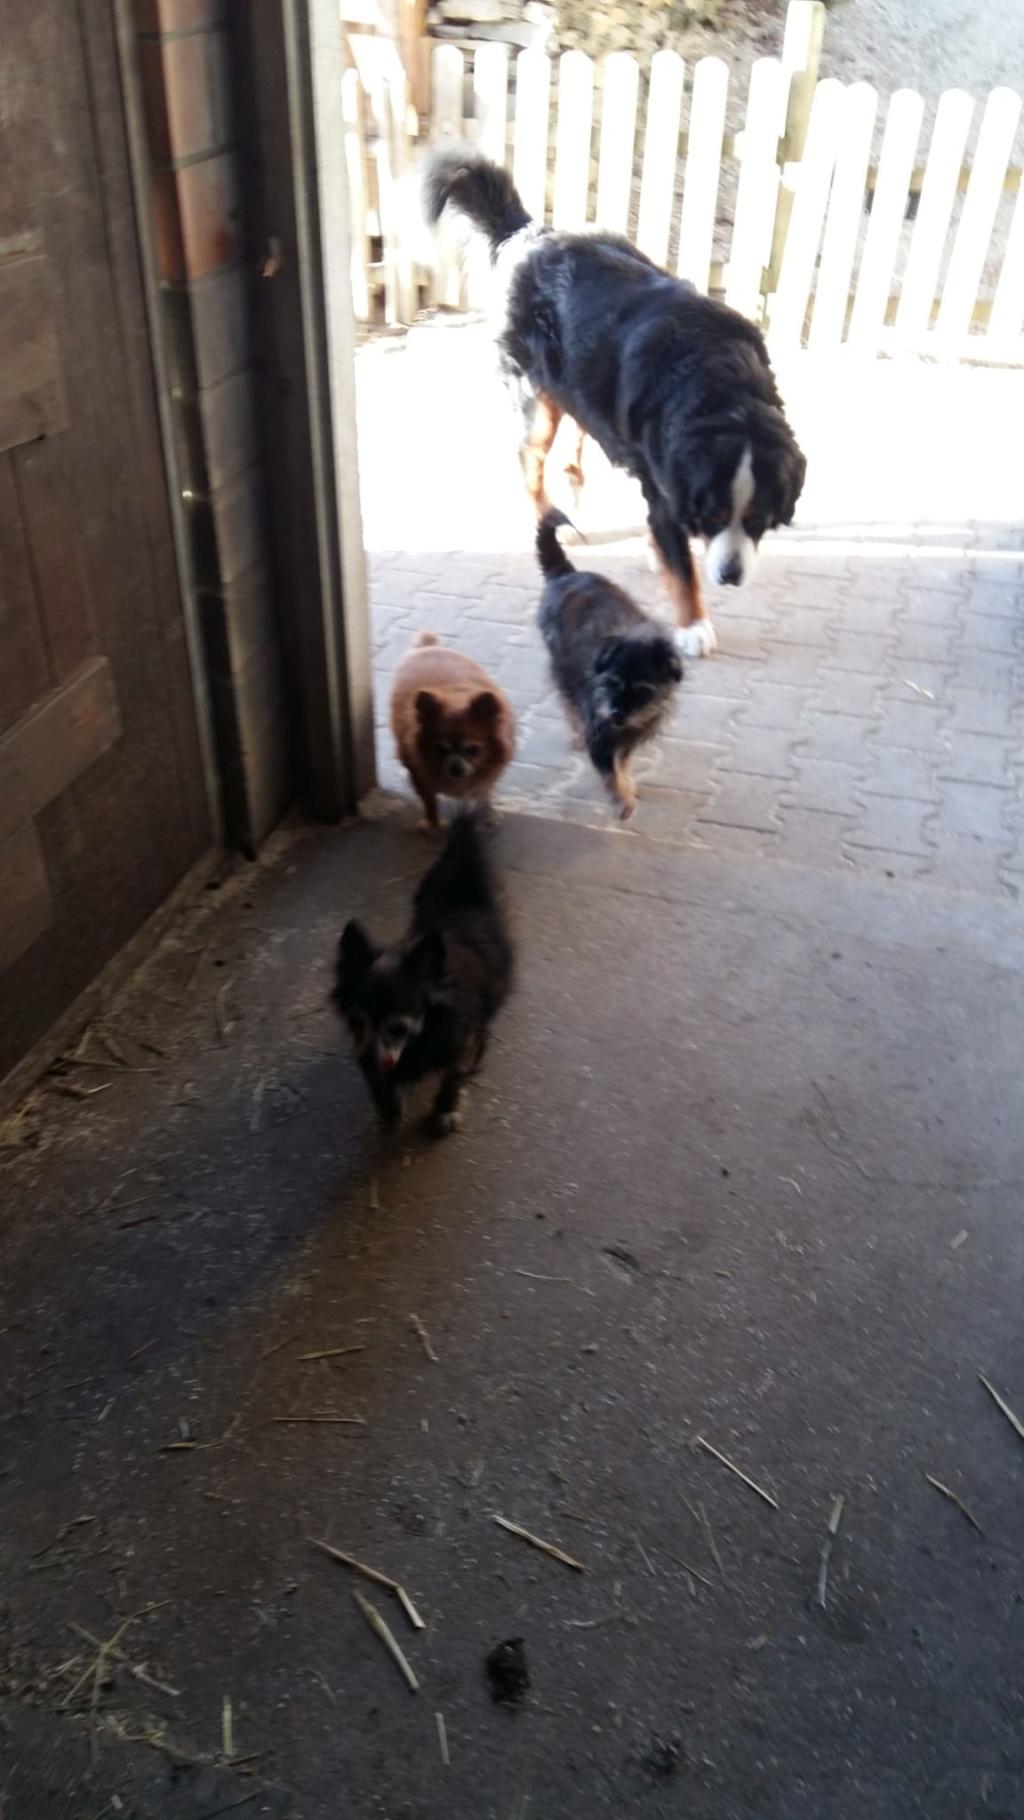 ELLIOT et CARAMEL - x chihuahua/papillon 9 et 11 ans - Asso Animale Attitude 63 - adoptés par Françoise, filleuls de frimousse Photo_10